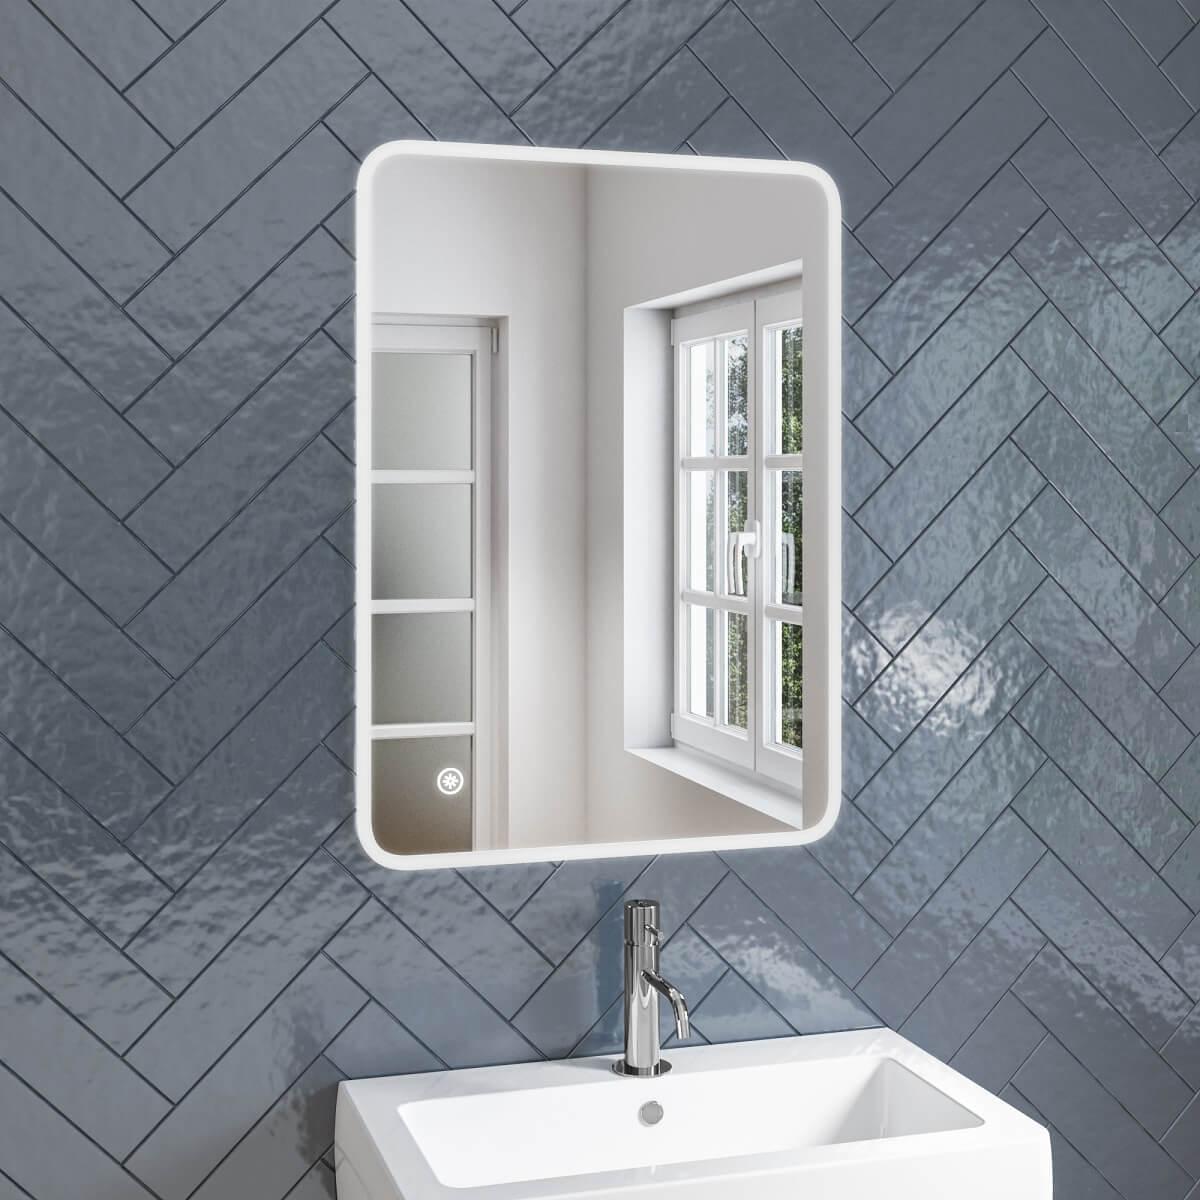 Illuminated Bathroom Mirrors Bathshack Northern Ireland Bathshack